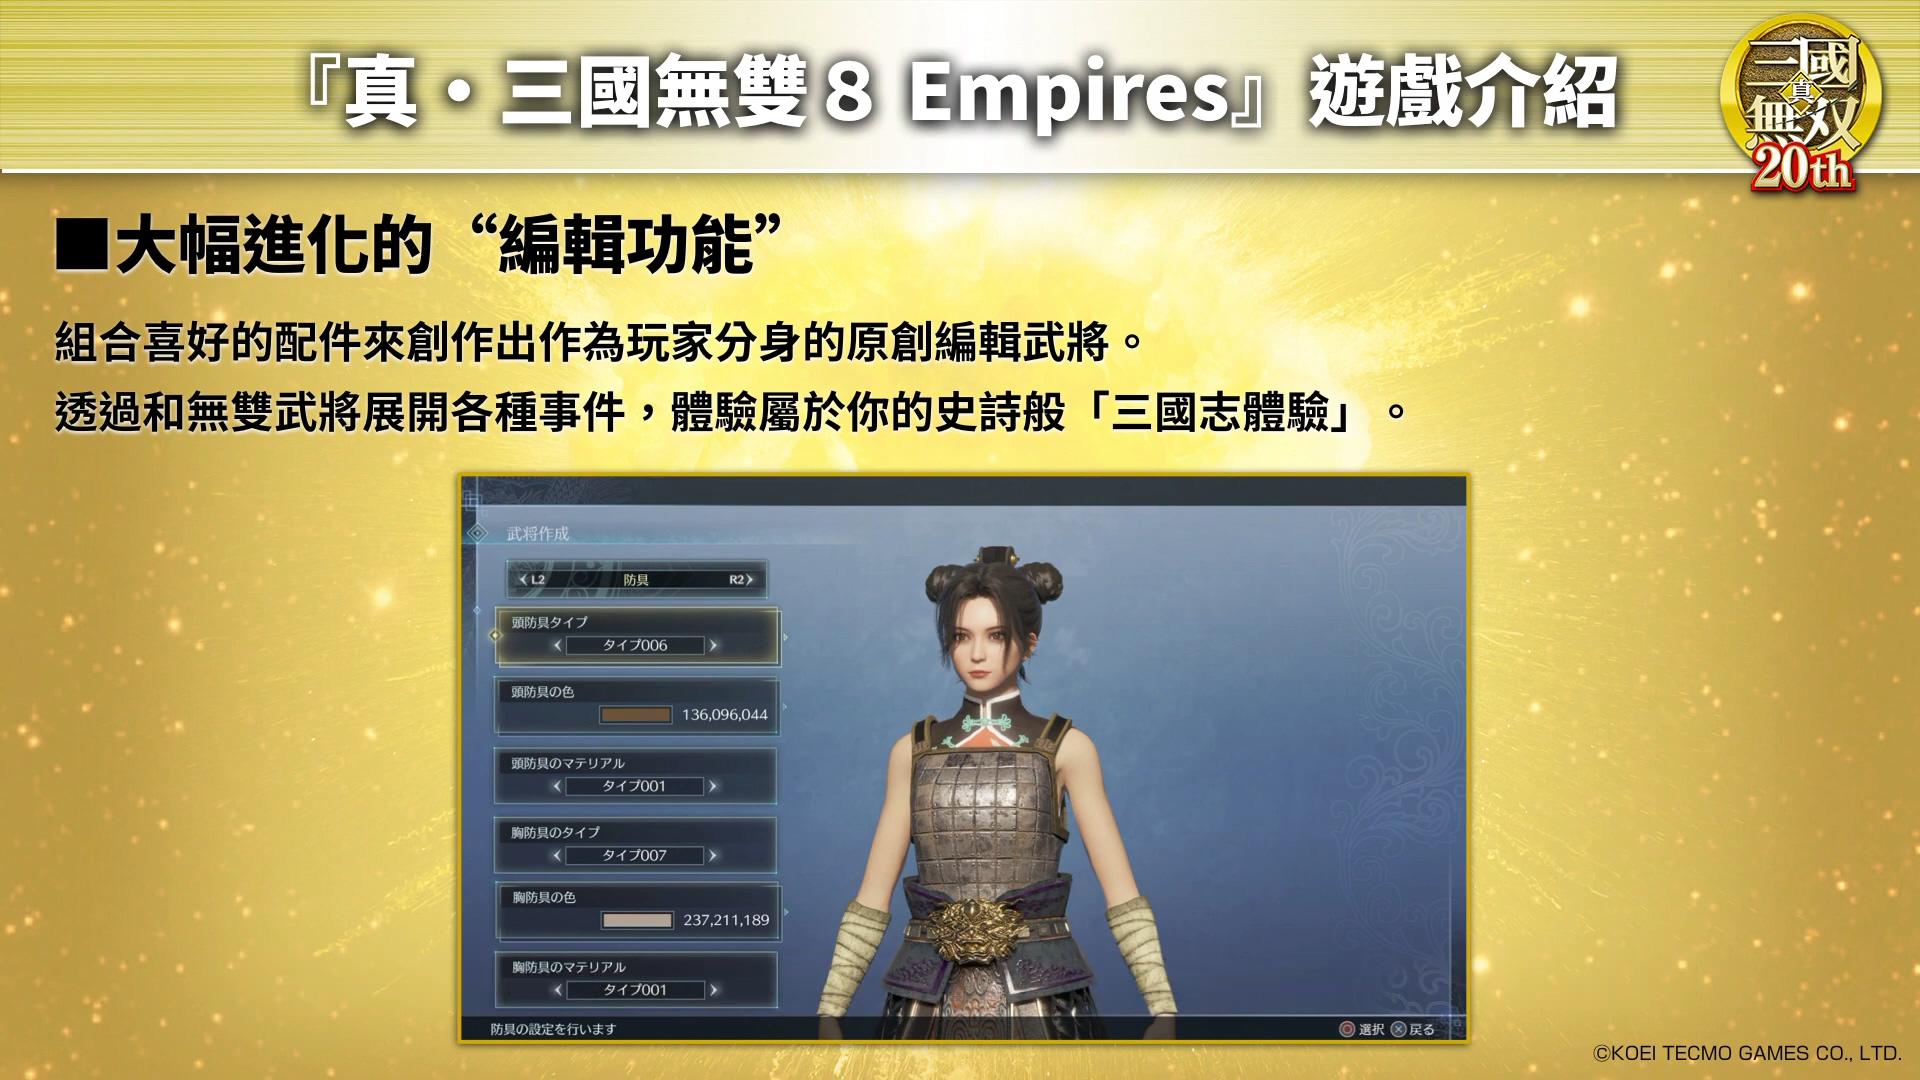 光荣发布中文字幕版《真三国无双8:帝国》介绍视频